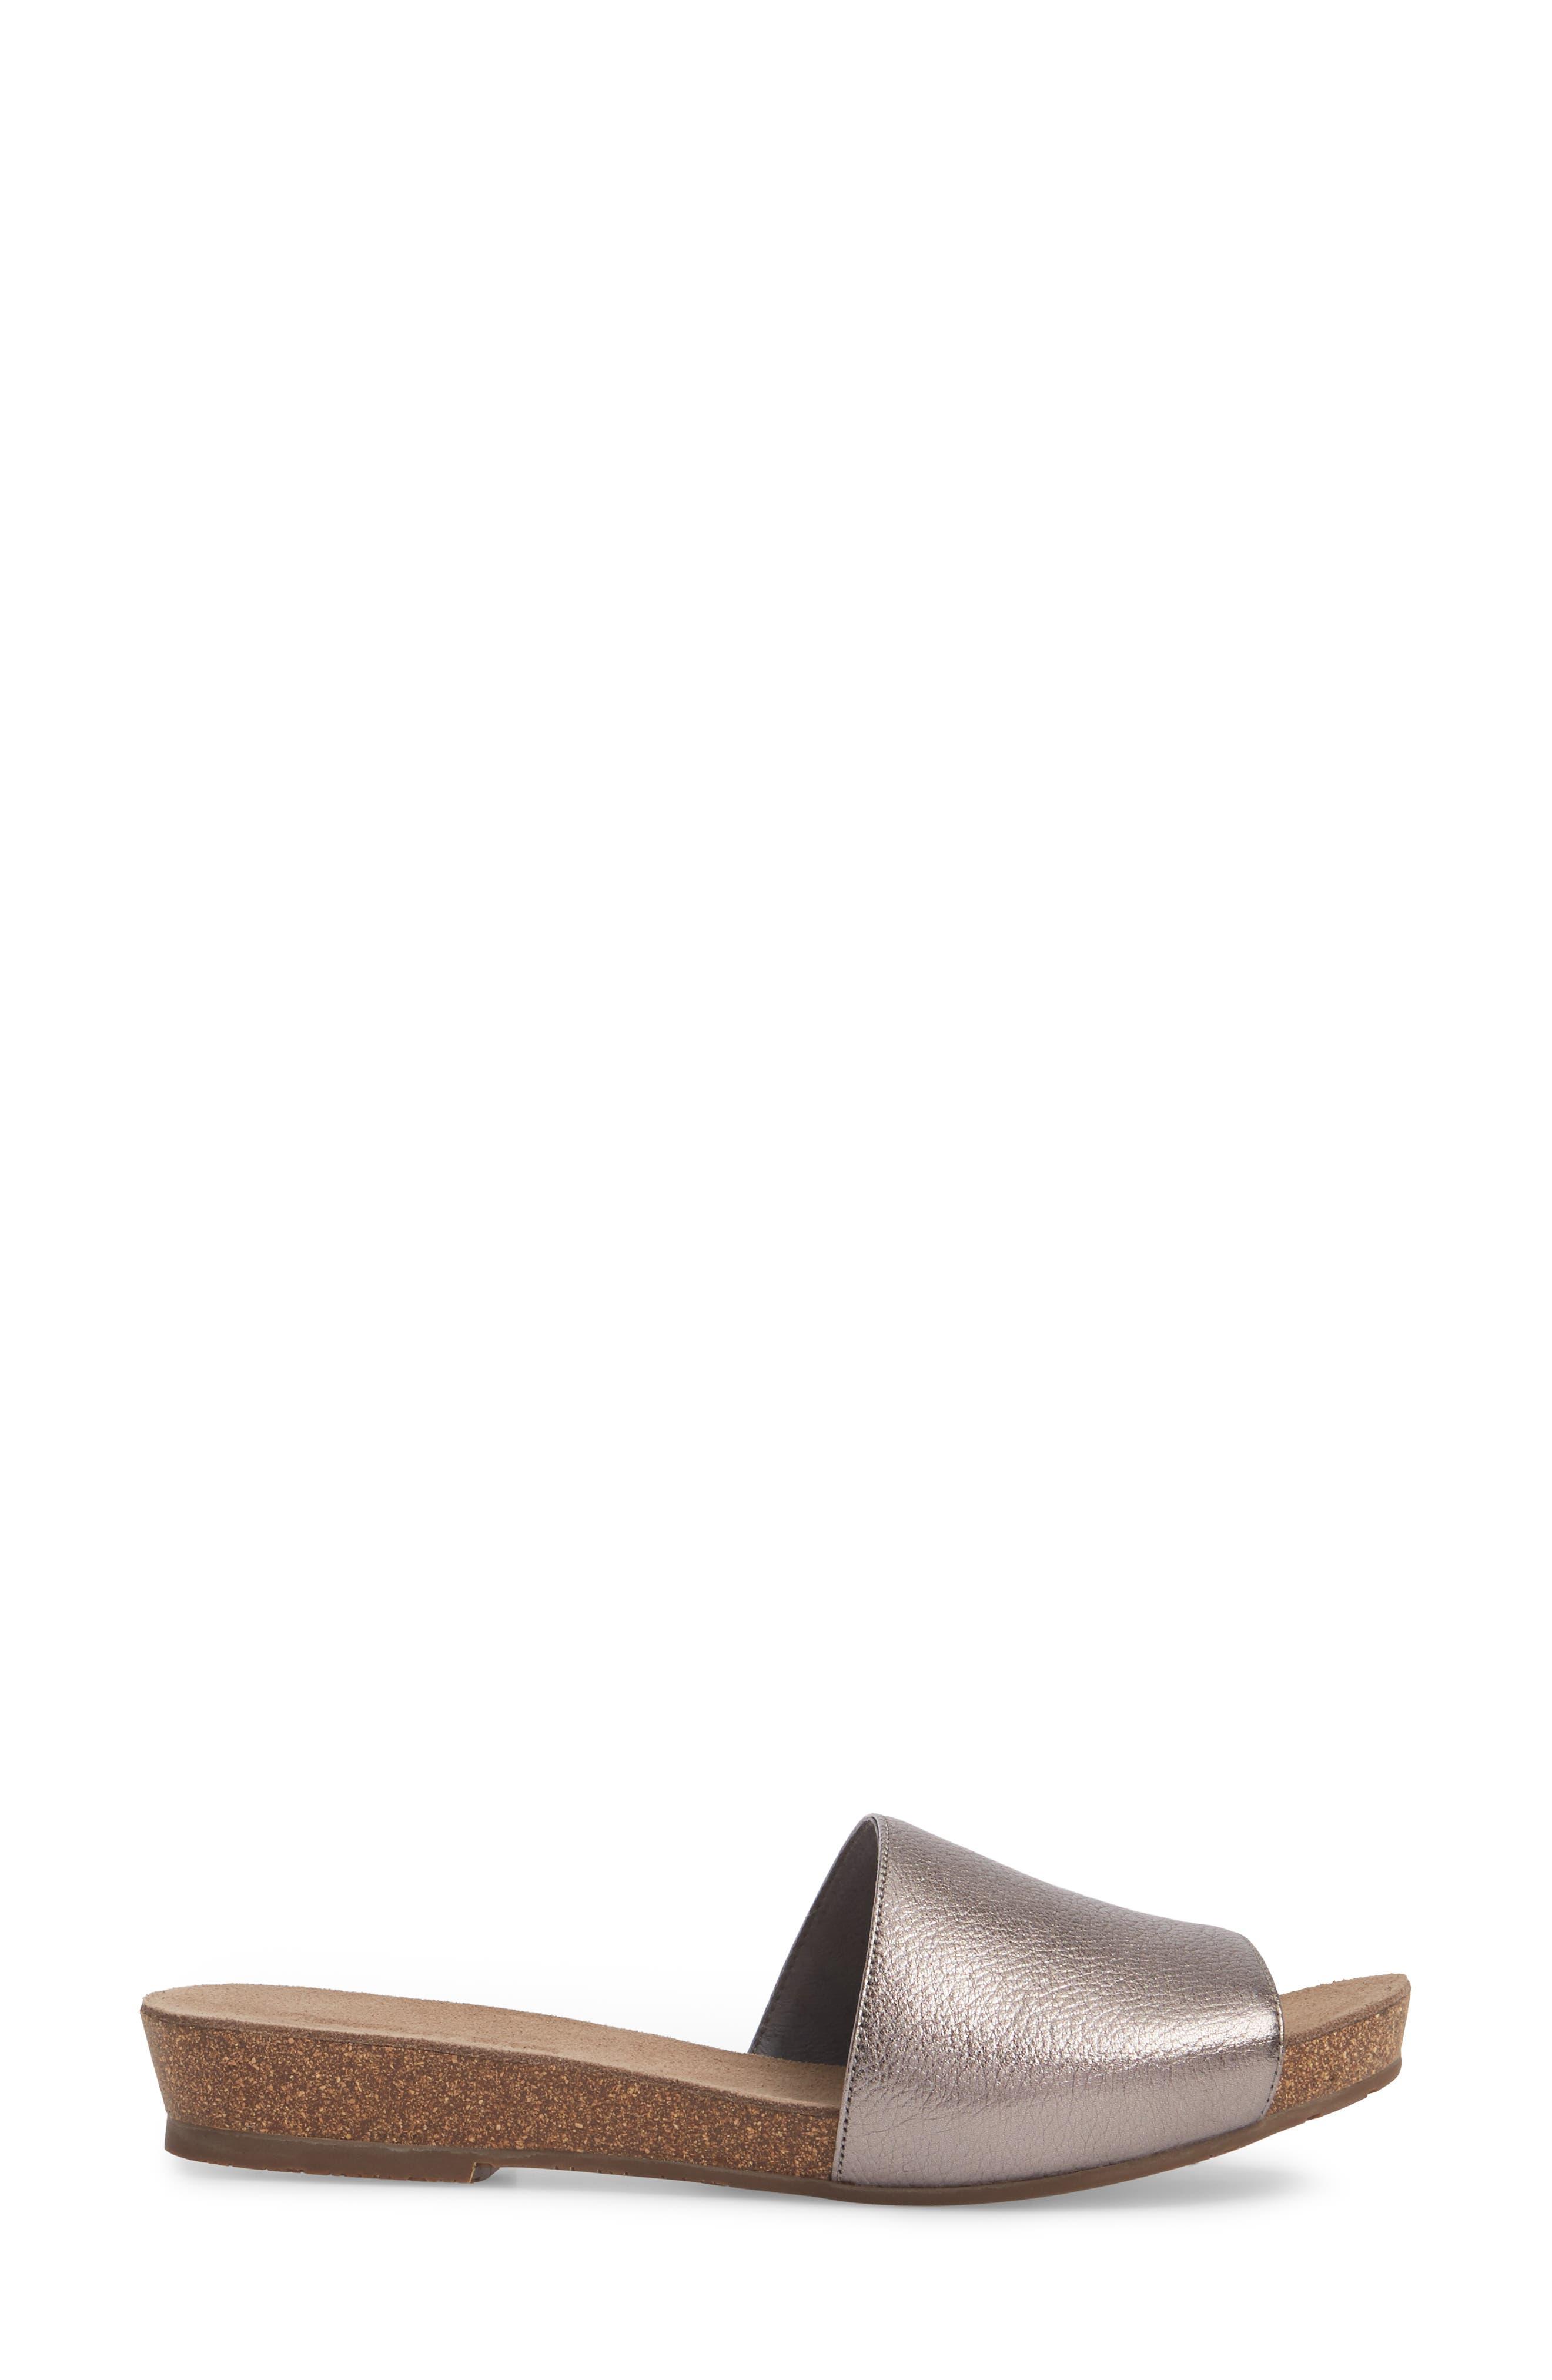 Viveca Slide Sandal,                             Alternate thumbnail 3, color,                             Gunmetal Leather